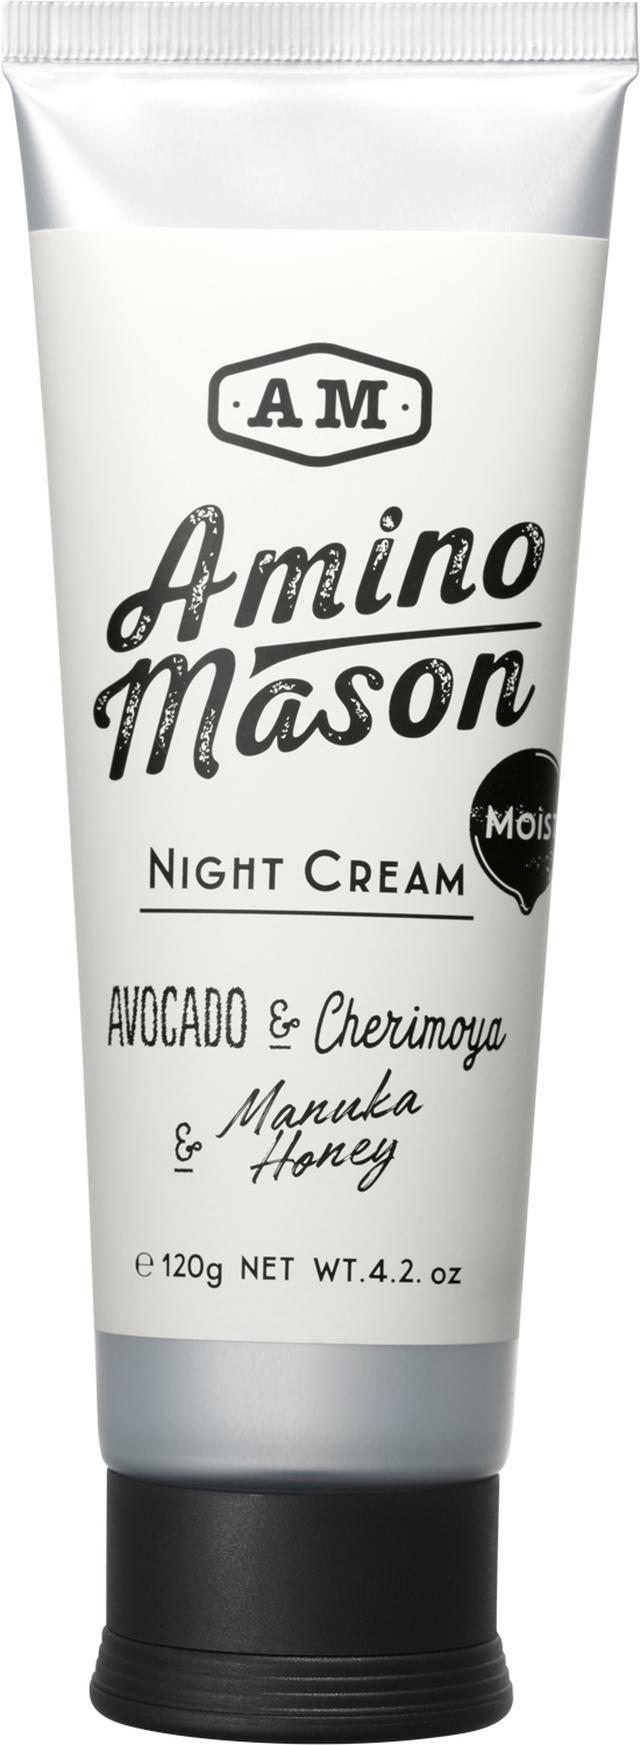 画像: アミノメイソン モイスト ナイトクリーム 120g 1,400円(税抜) 就寝前に使用するアウトバストリートメント。寝ぐせを整え、翌朝スタイリングのしやすい髪に。べたつかずに使いやすいクリームタイプ。 タオルドライ後に髪になじませることで、ナノリペアCMCが毛髪に閉じ込められ柔らかい質感に仕上がり、また髪の表面に吸着する18MEA類似体が髪のバリア機能を高めるとともにツヤを与え、なめらかな指通りを実現します。 ●18種のアミノ酸保湿成分配合 ●生コラーゲン、ヒートプロテクト成分、浸透促進成分配合 ●18MEA類似体、NMF配合